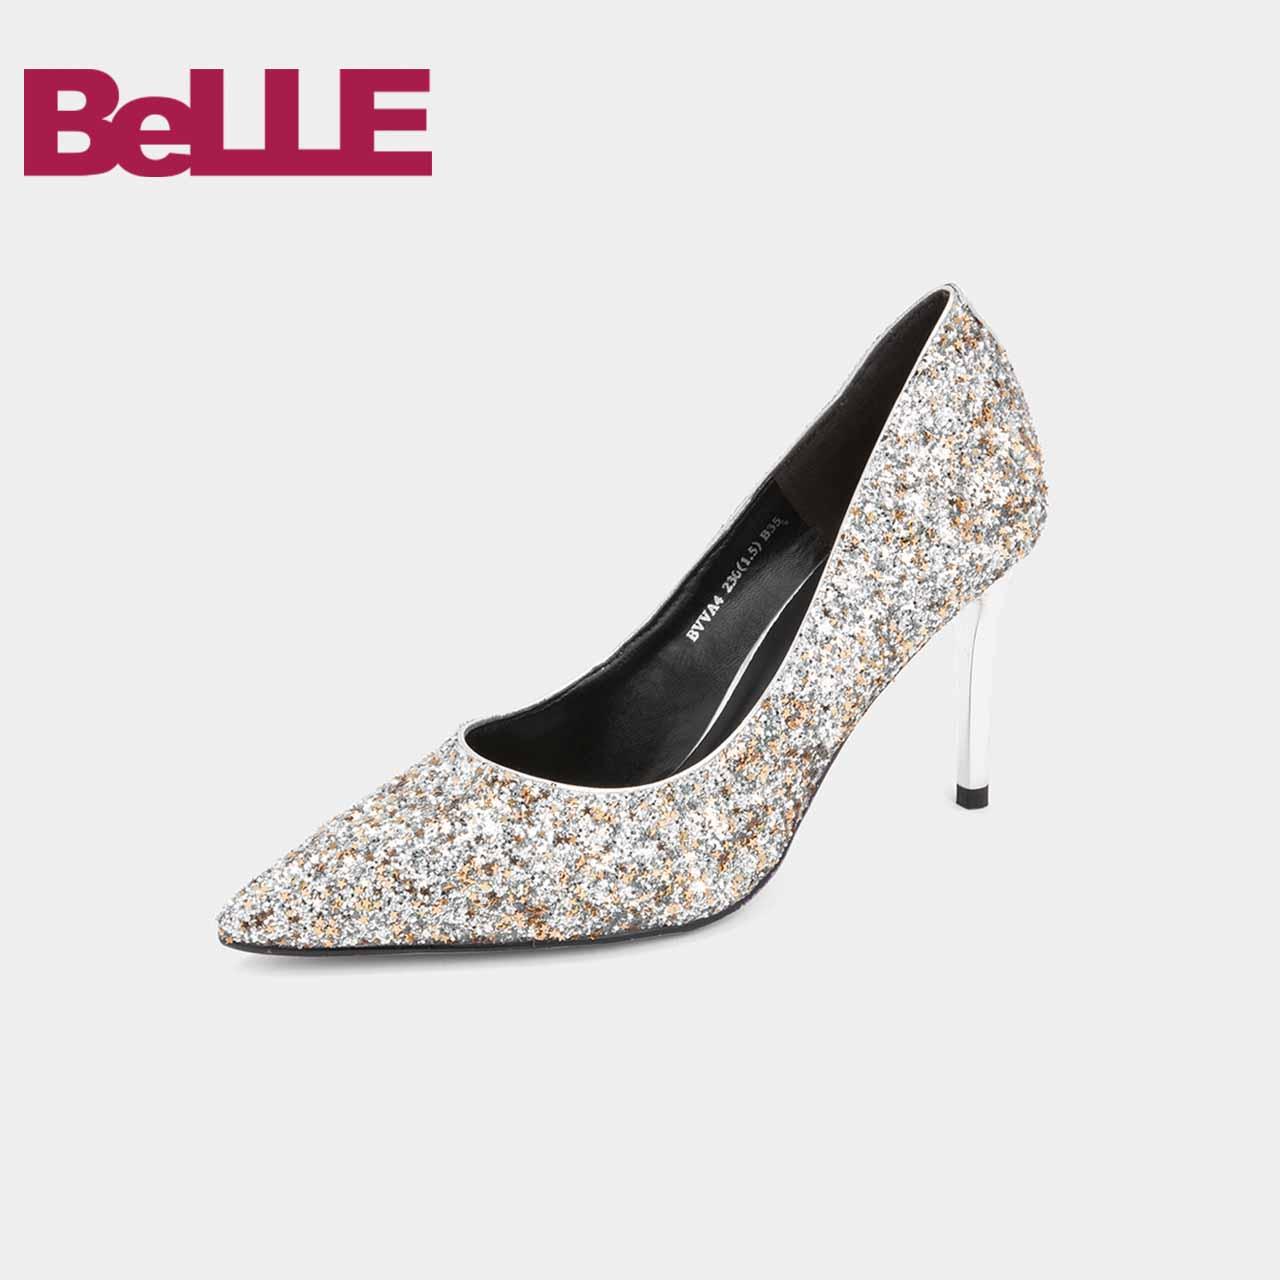 促百丽高跟单鞋女婚鞋2019春新商场同款亮片仙女风通勤鞋BVVA4AQ9